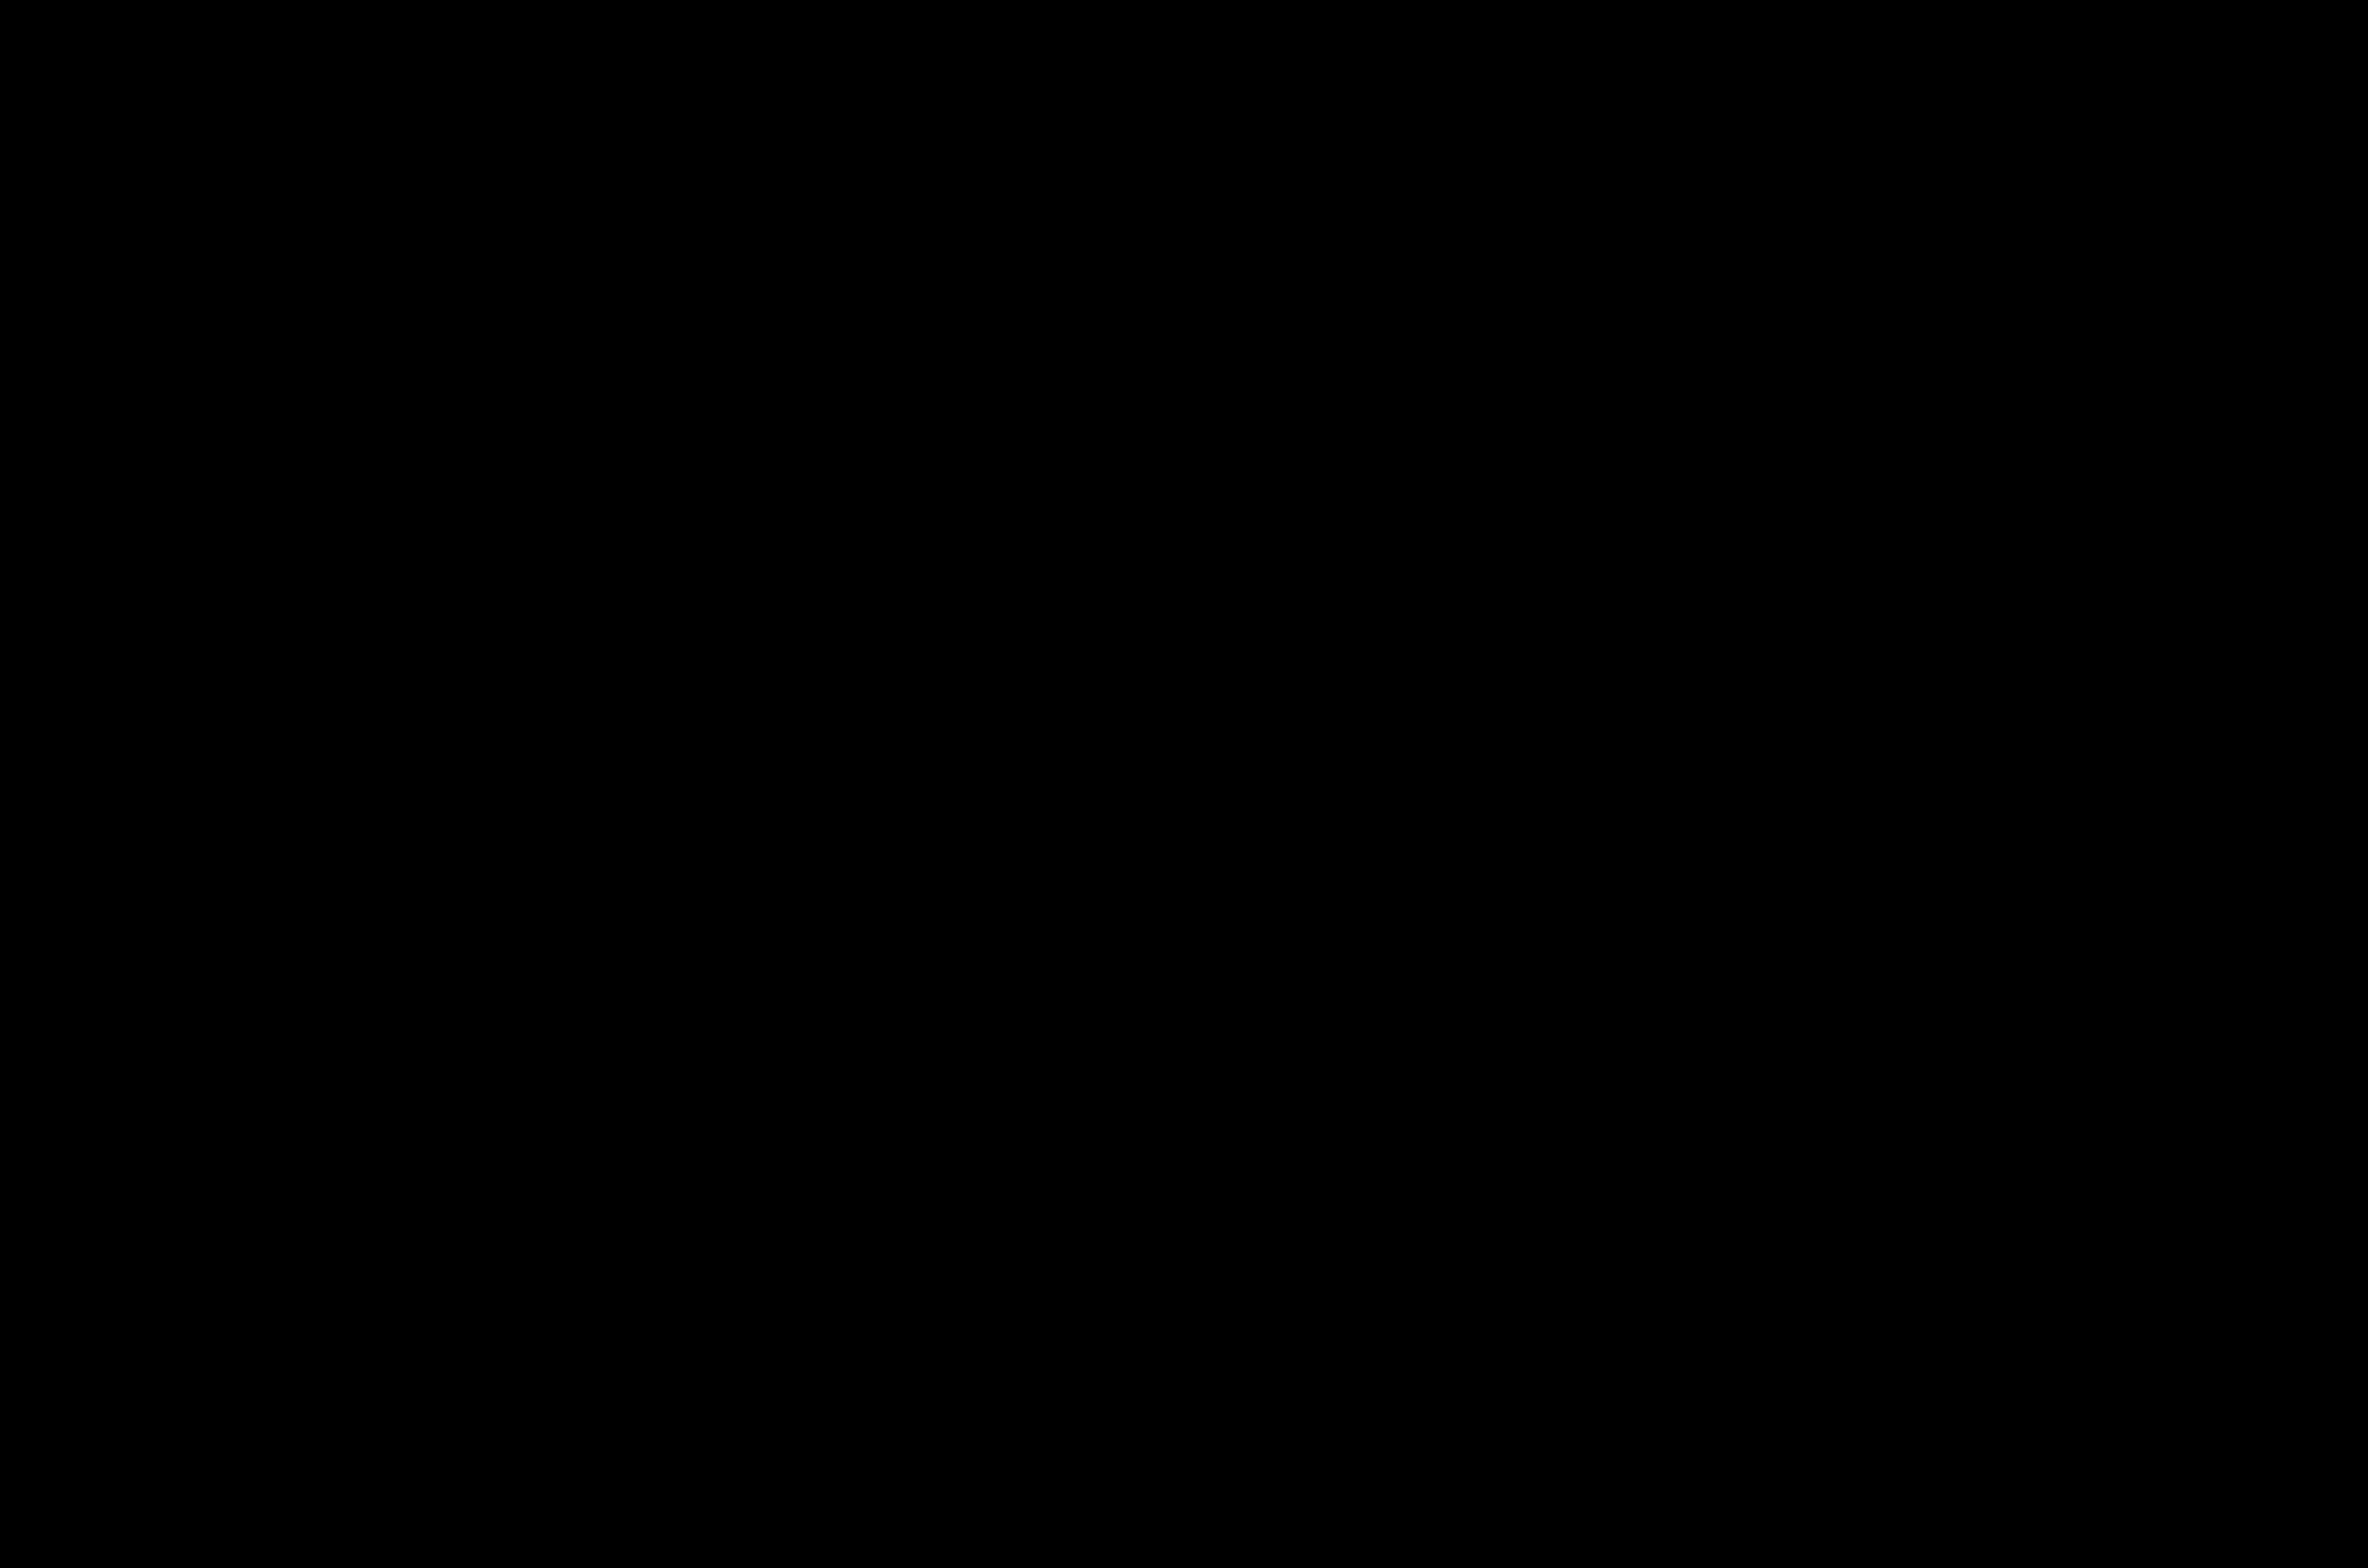 IN VIAGGIO CON SMILEDOG 3.0 – 6 & 7 LUGLIO MONTE PENICE 1400M S.L.M.